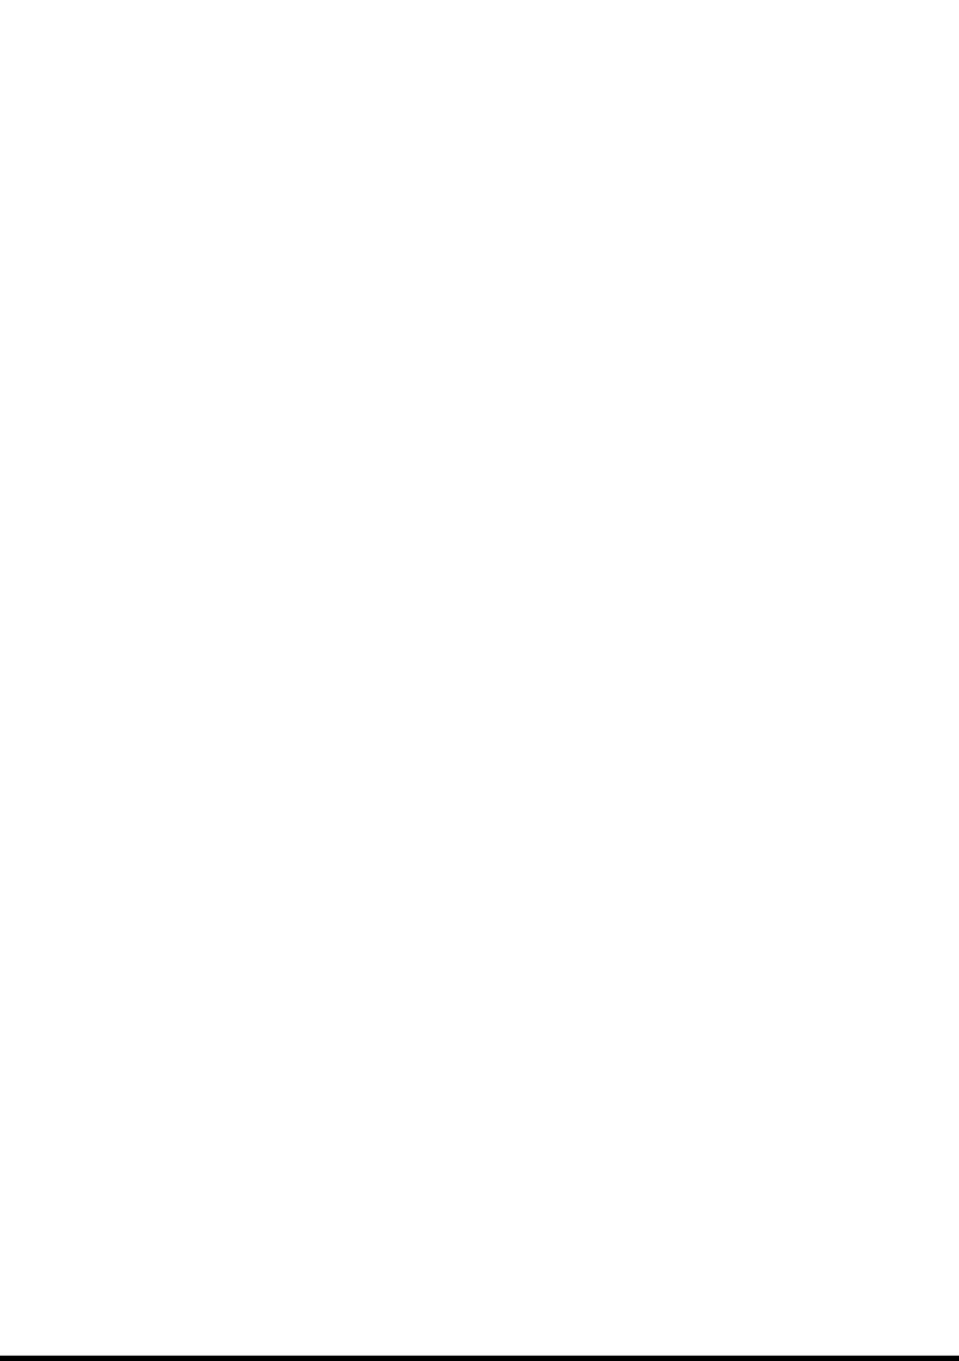 2013年四枫叶年级教案全册上册备课集体幼儿说课稿一片红语文图片